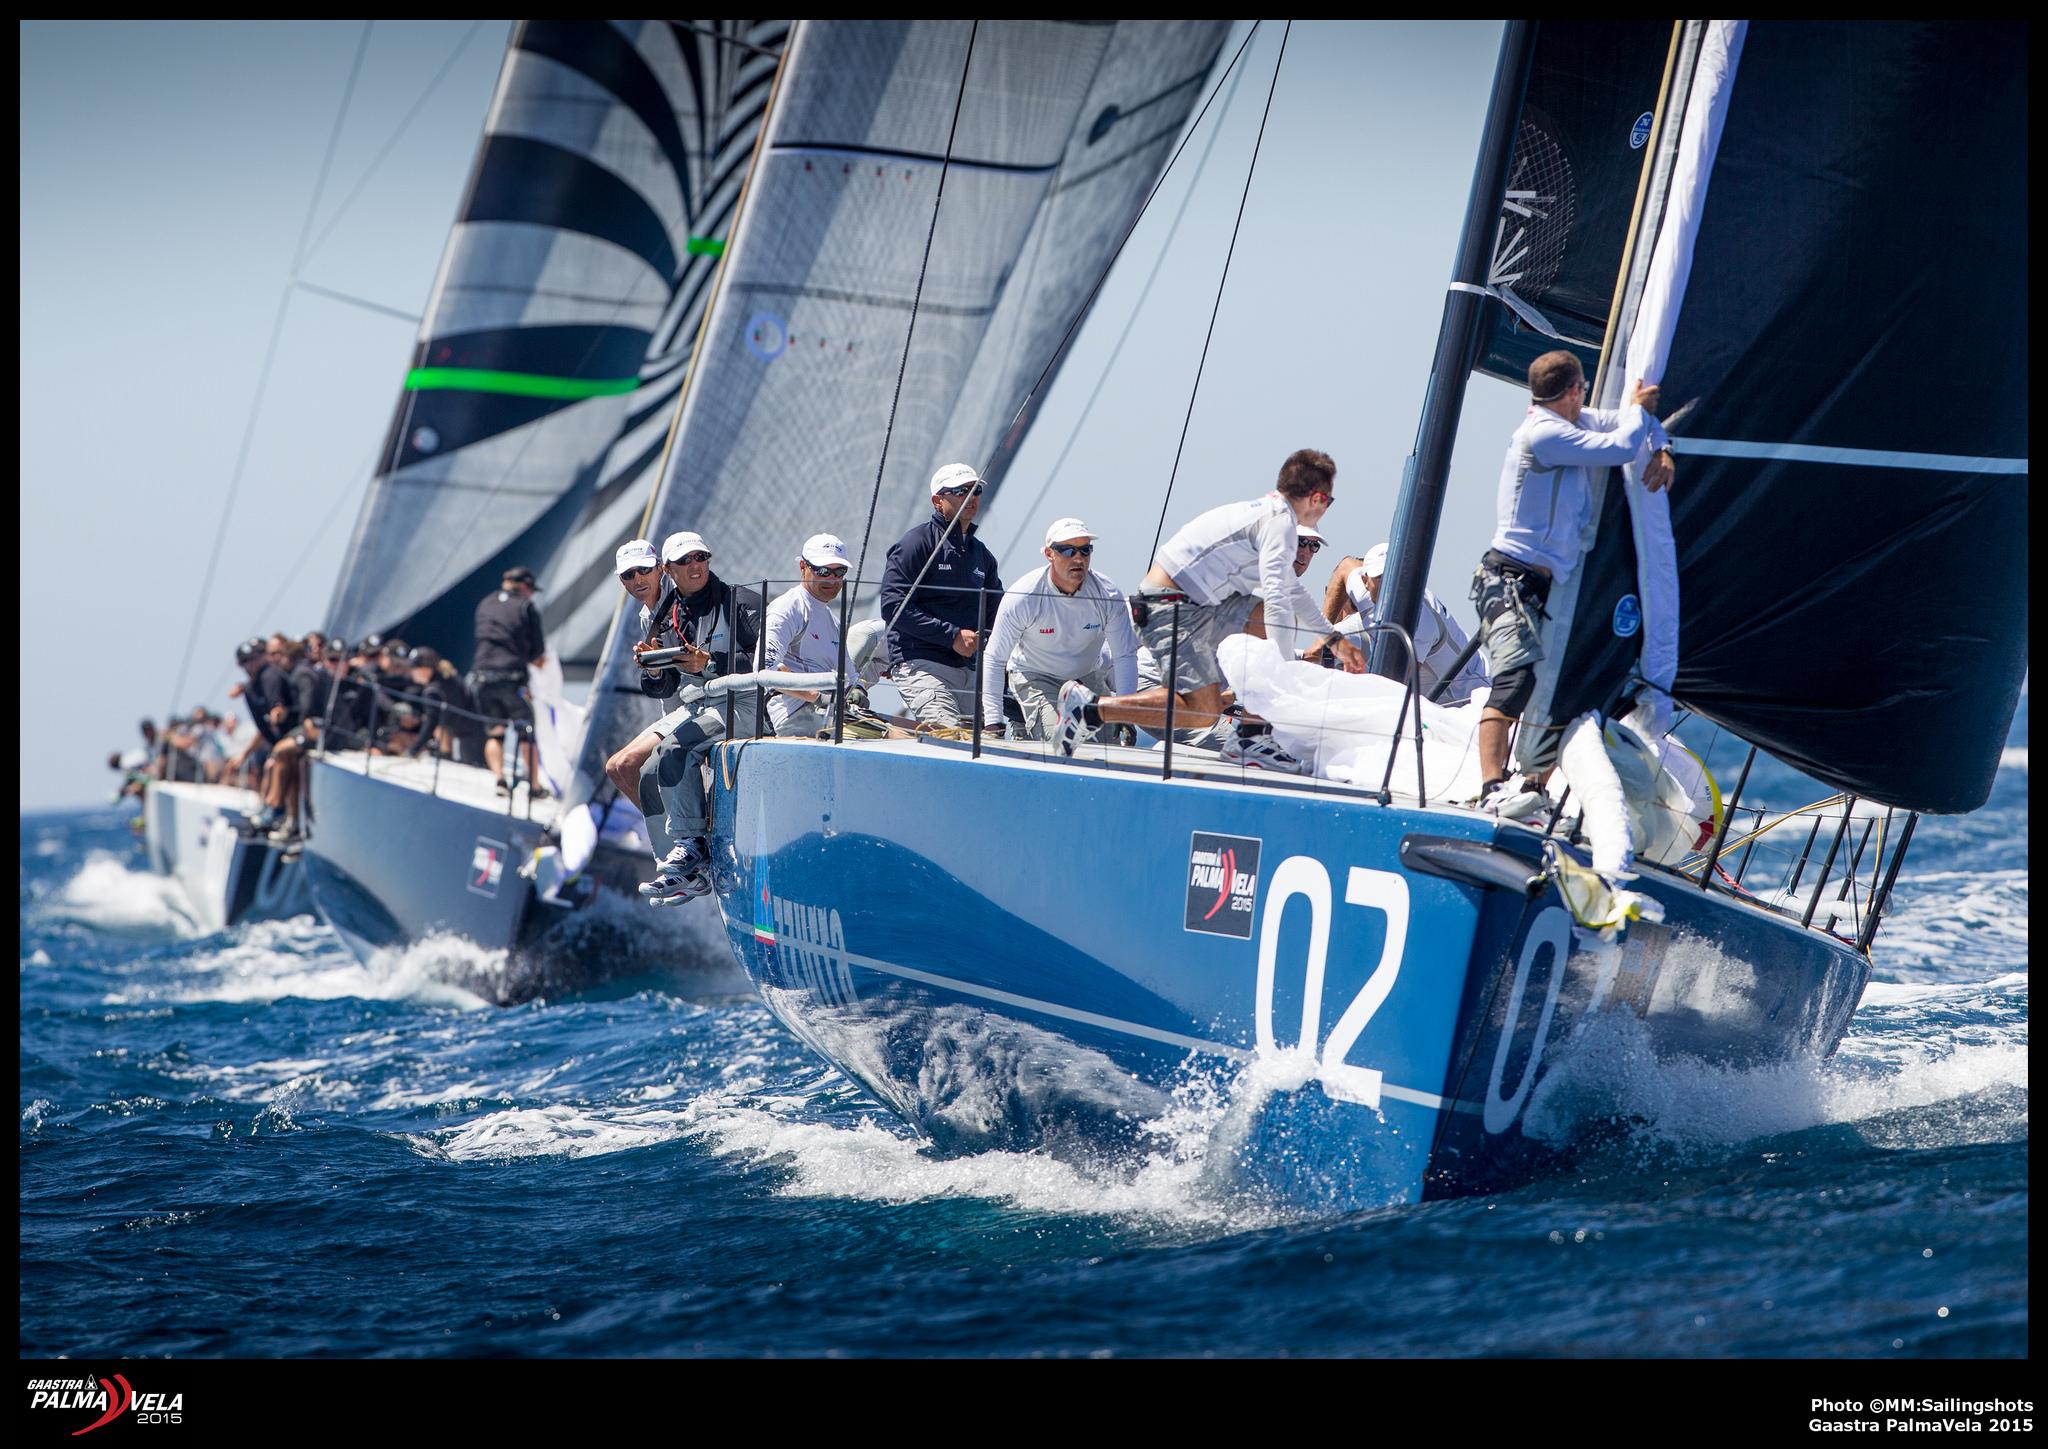 Azzura, Interlodge y Quantum se juegan mañana la victoria en TP 52 © MM Sailingshots/Gaastra PalmaVela